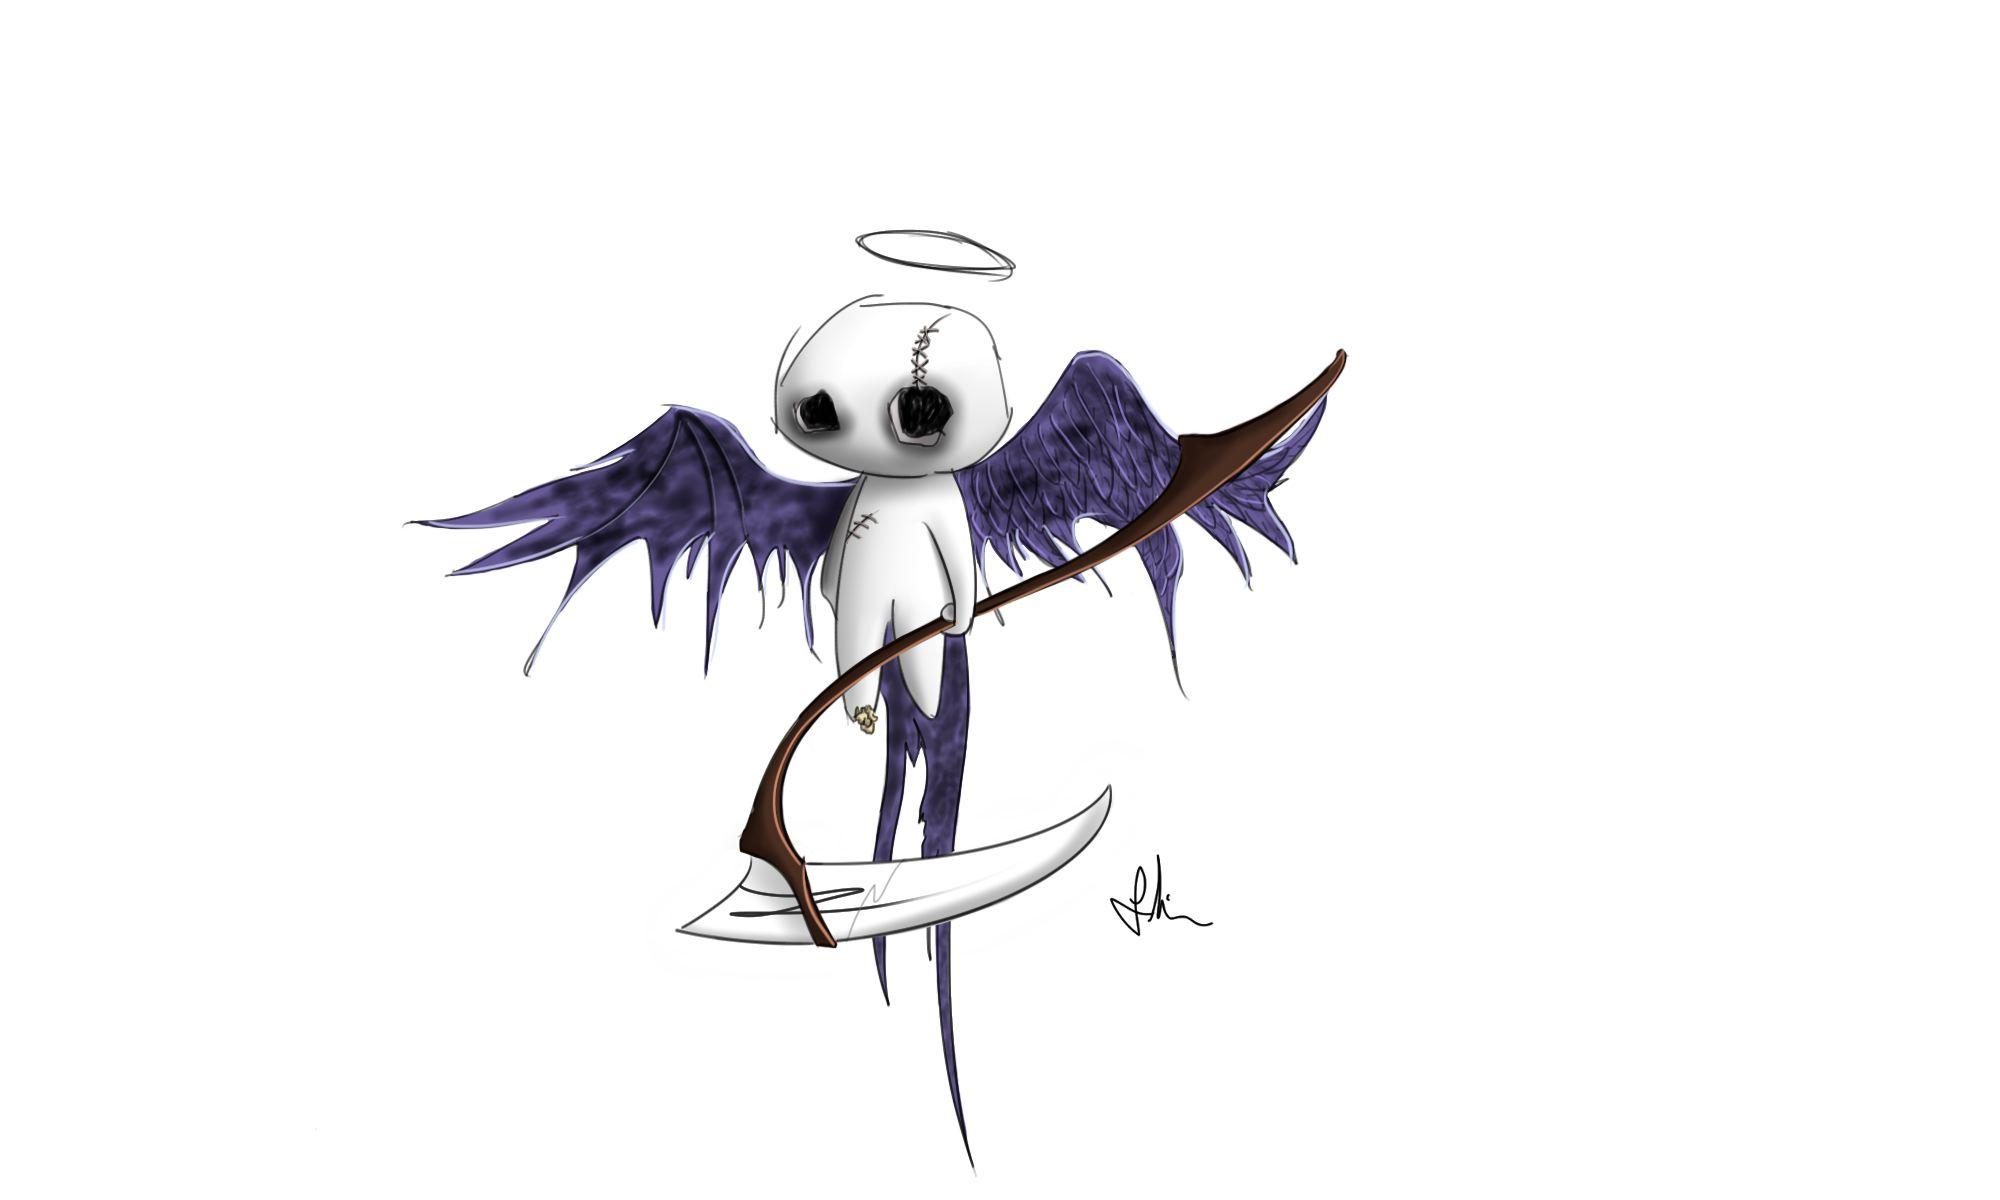 fallen angel sketch pat monster concept pinboard